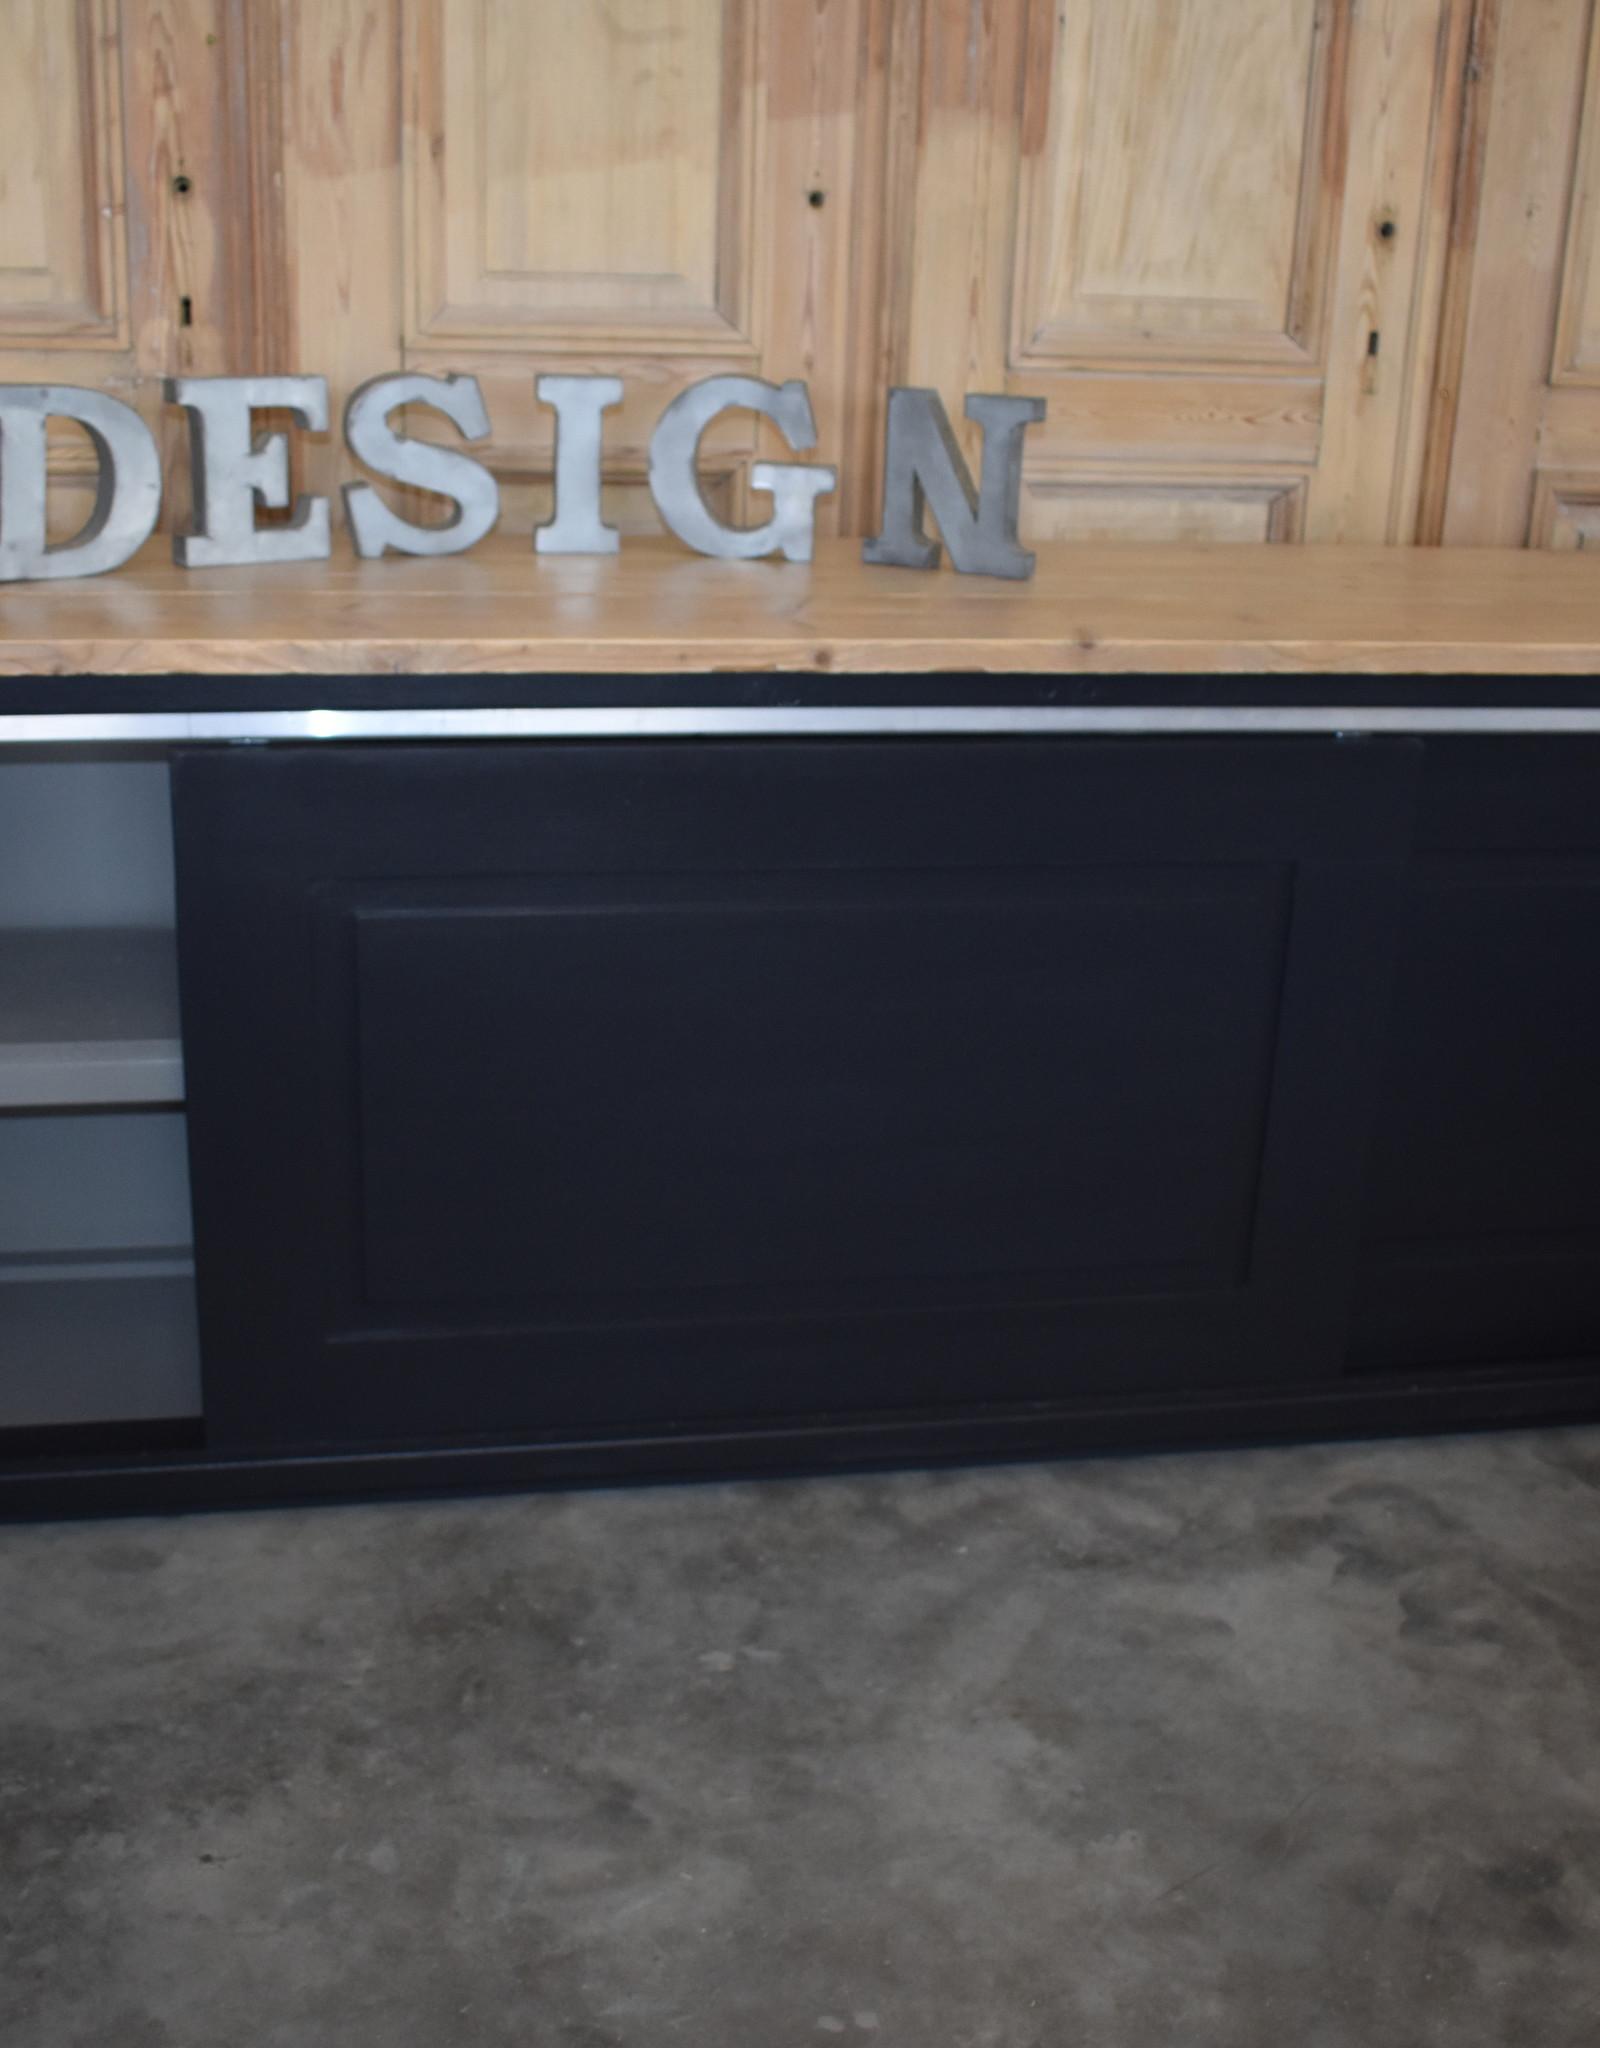 Wandschrank mit Schiebetüren, für Laden, Café, Küchen usw